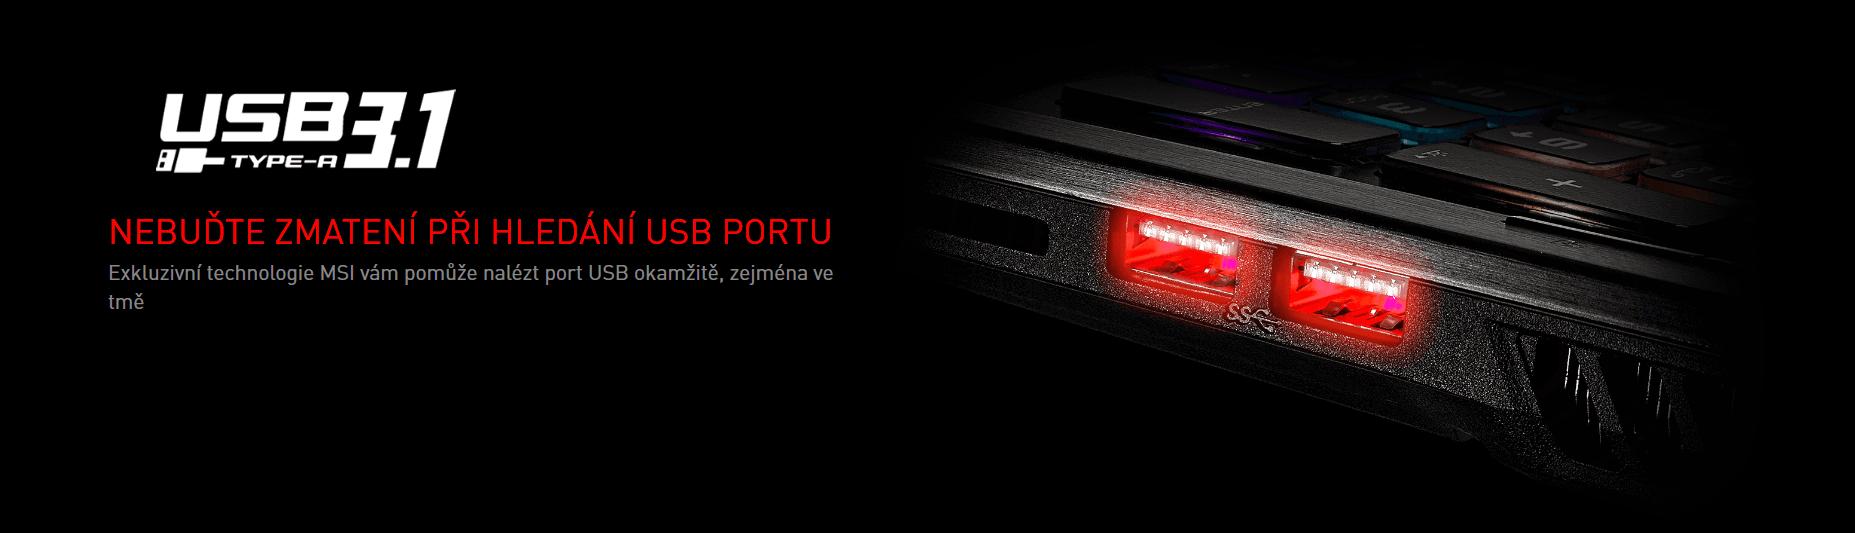 Nemůžete při večerním hraní najít USB port?